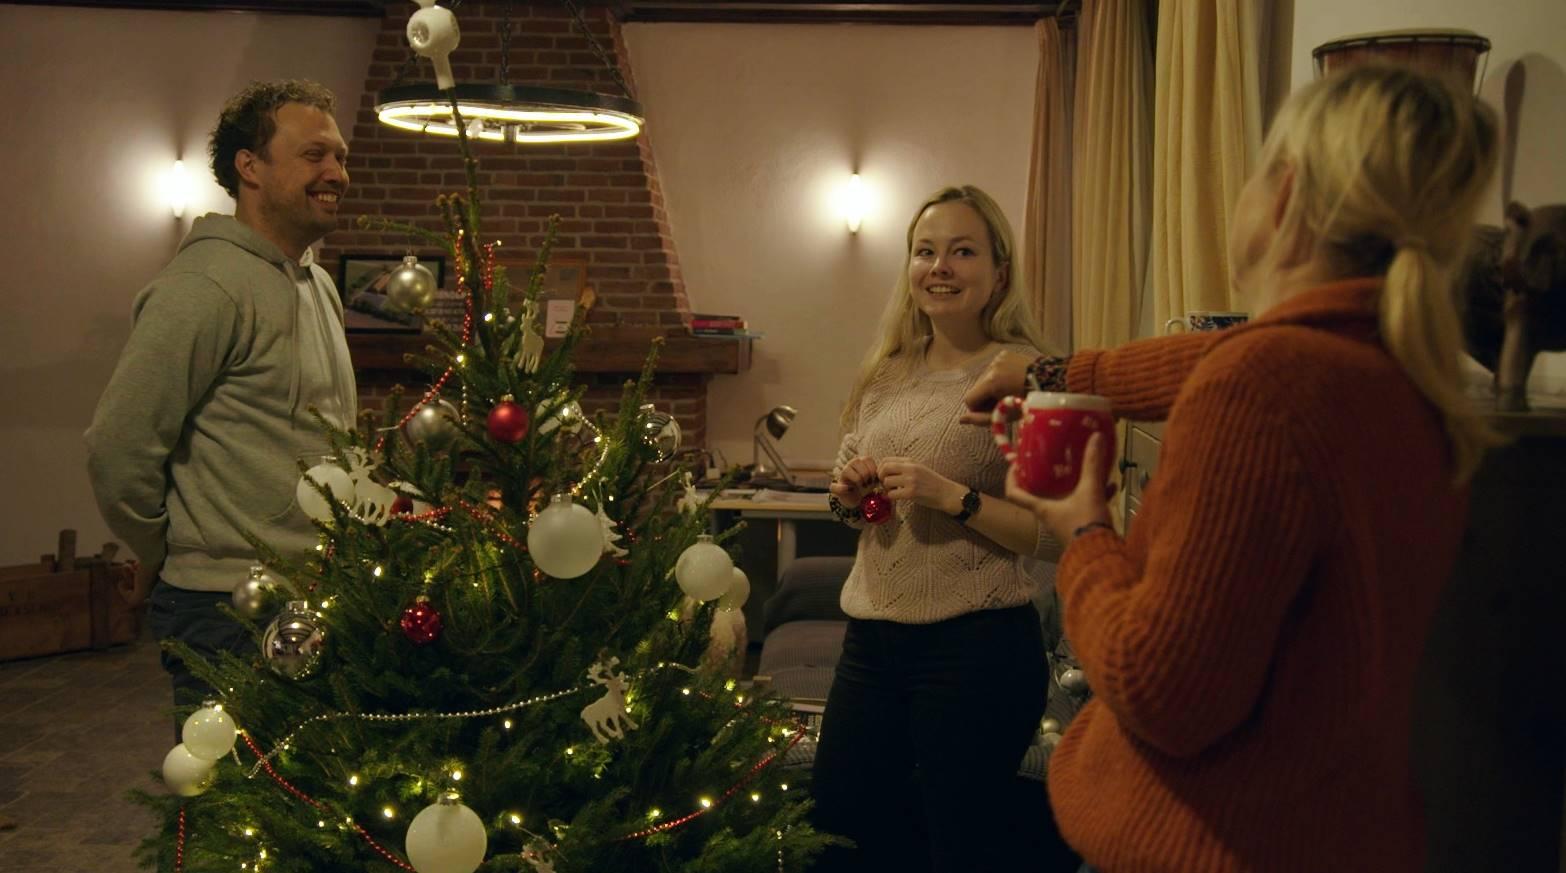 Boer zoekt Vrouw Kerstspecial: Yvon Jaspers spreekt boeren uit laatste seizoen